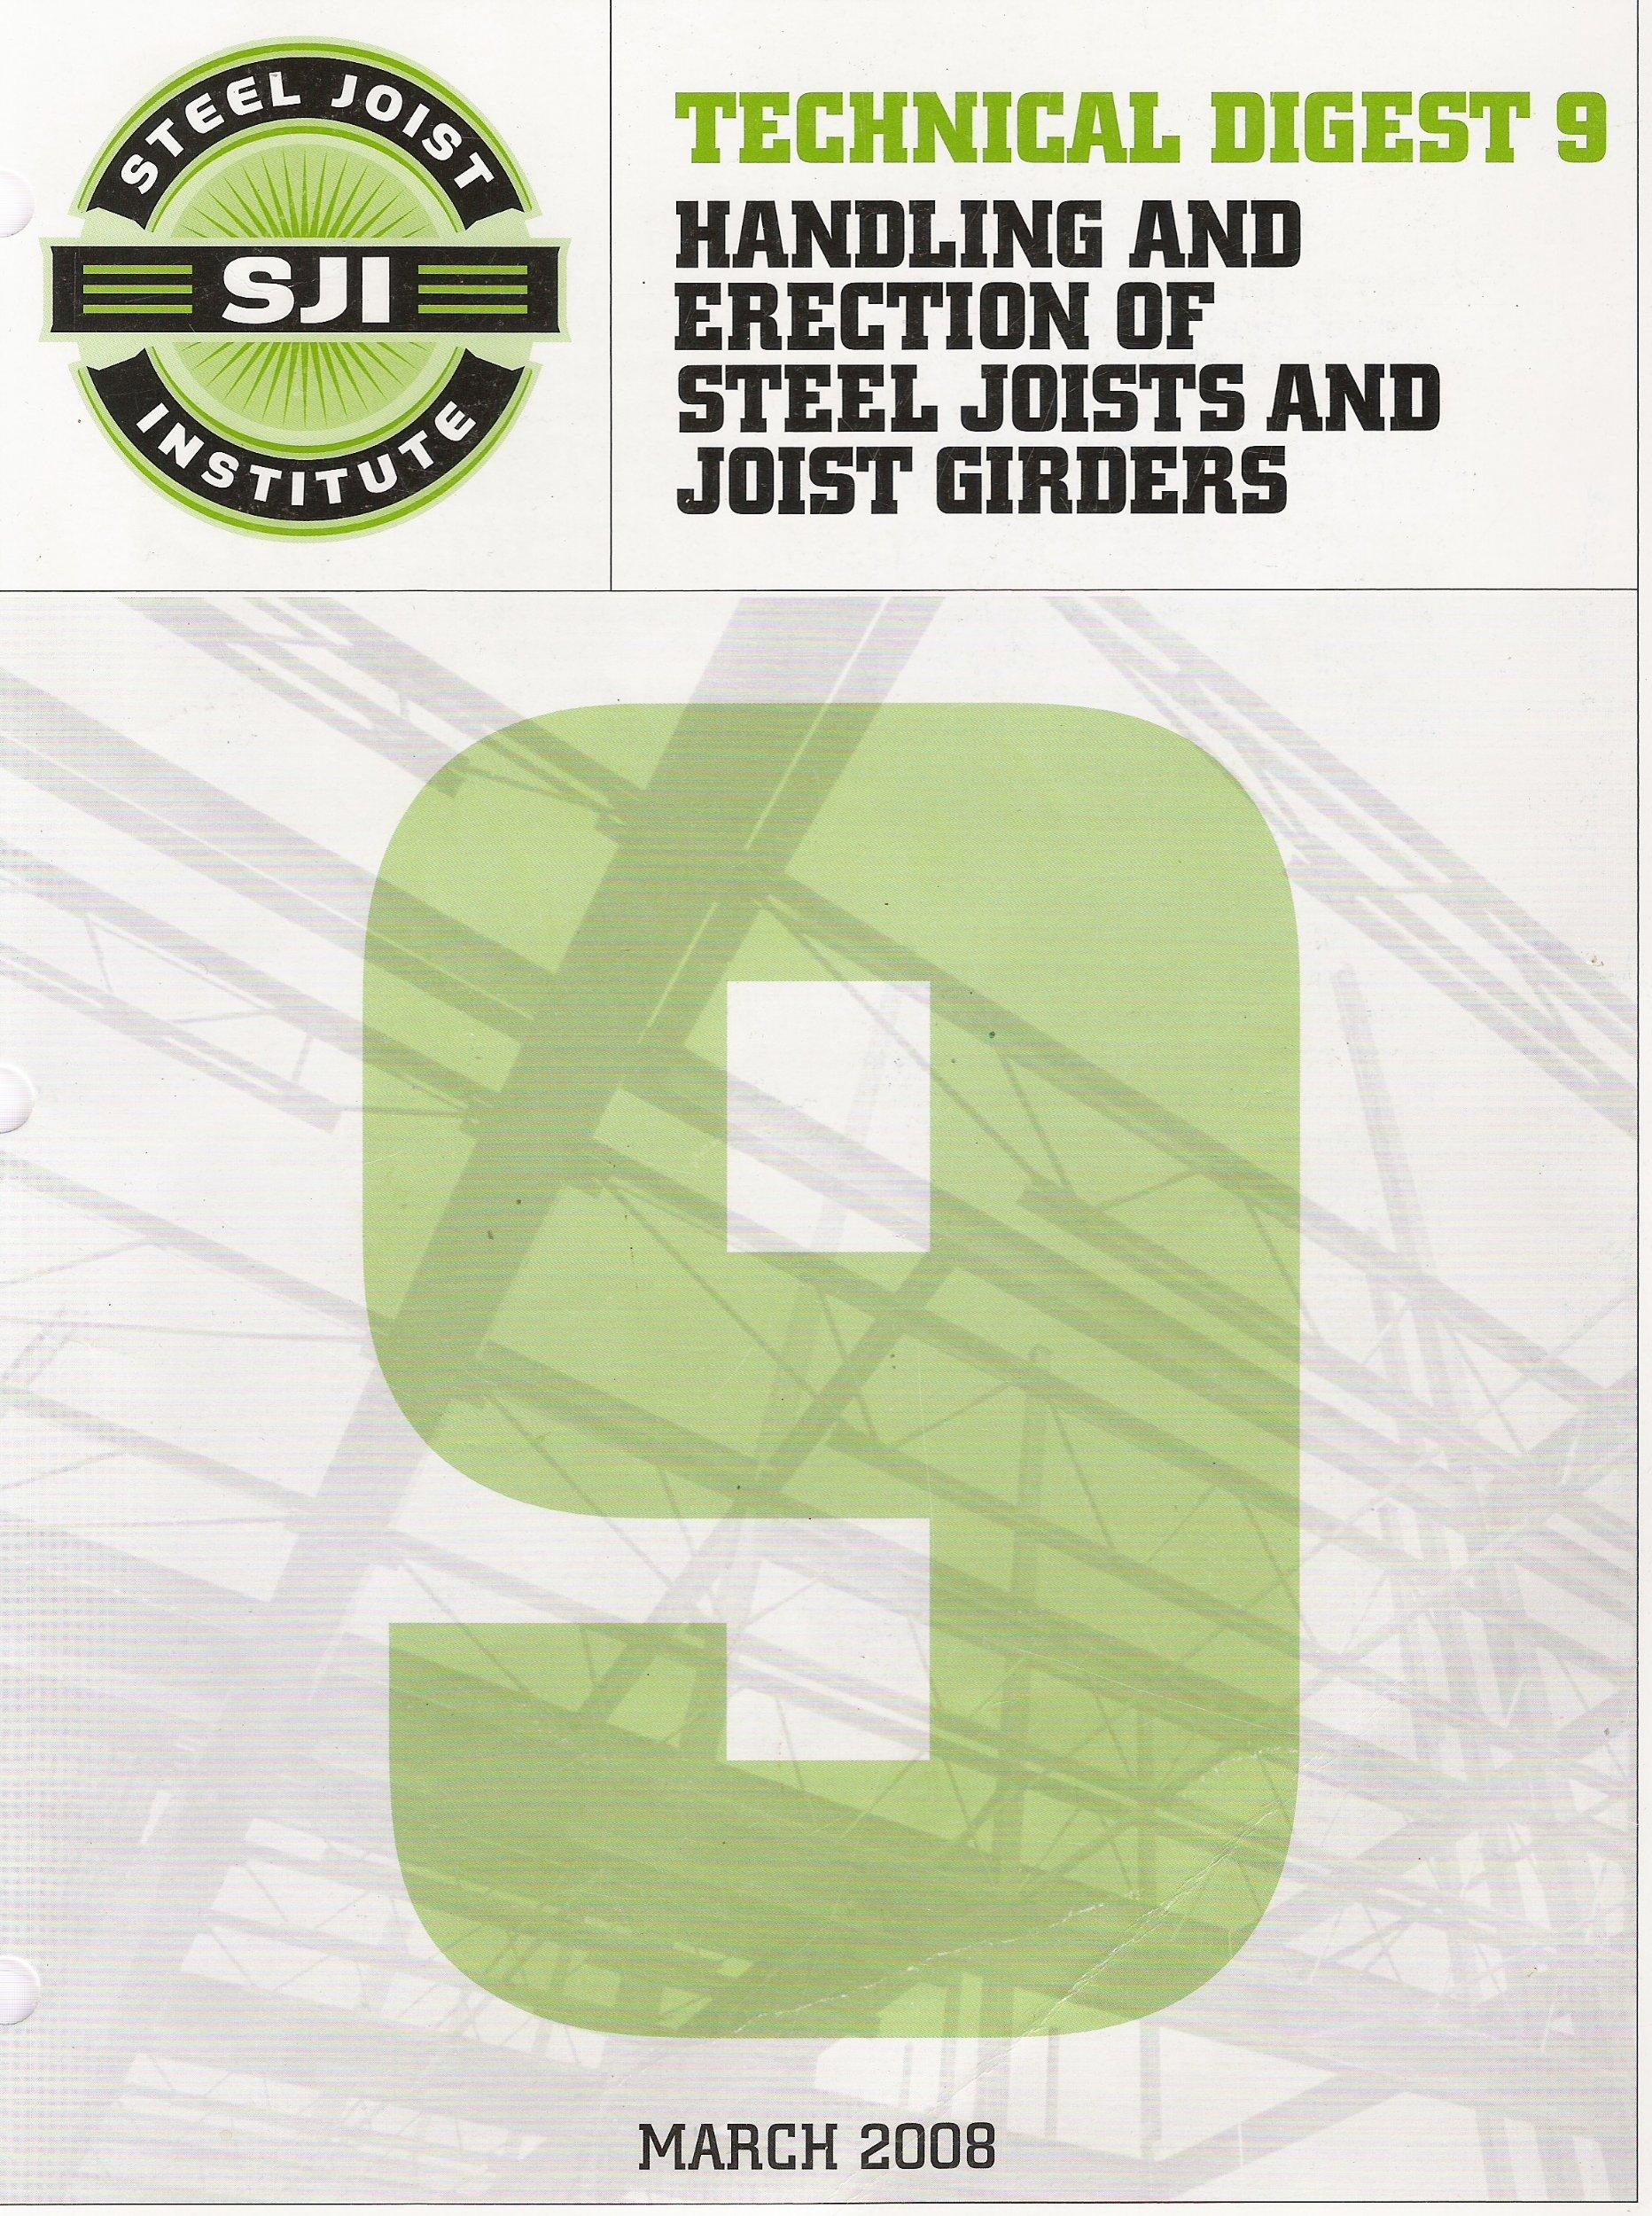 Handling Erection Steel Joist Girders product image